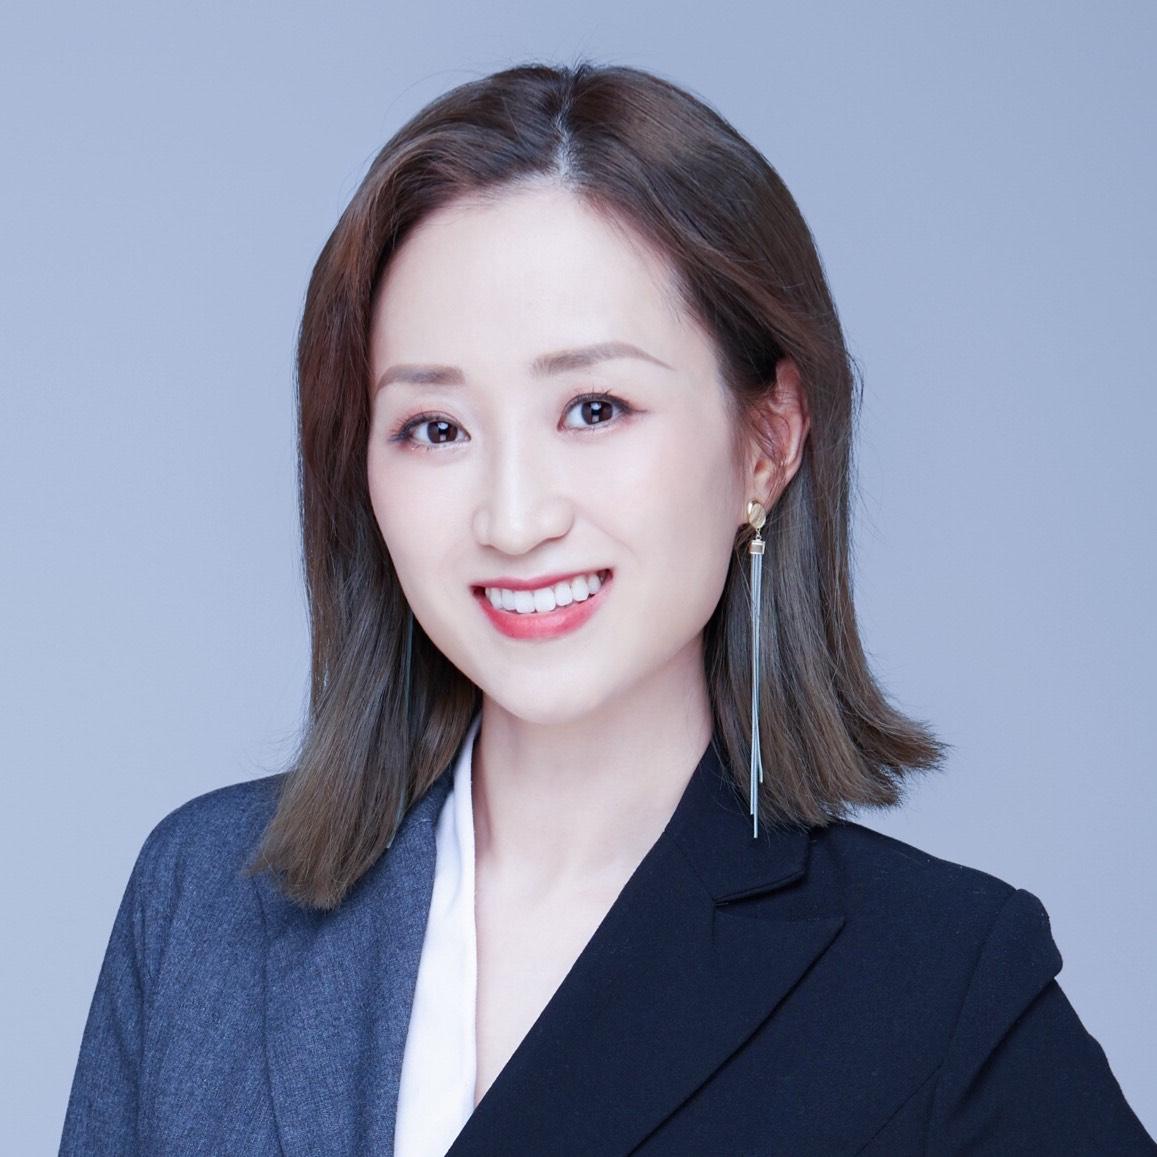 Xun Zhan Zhu